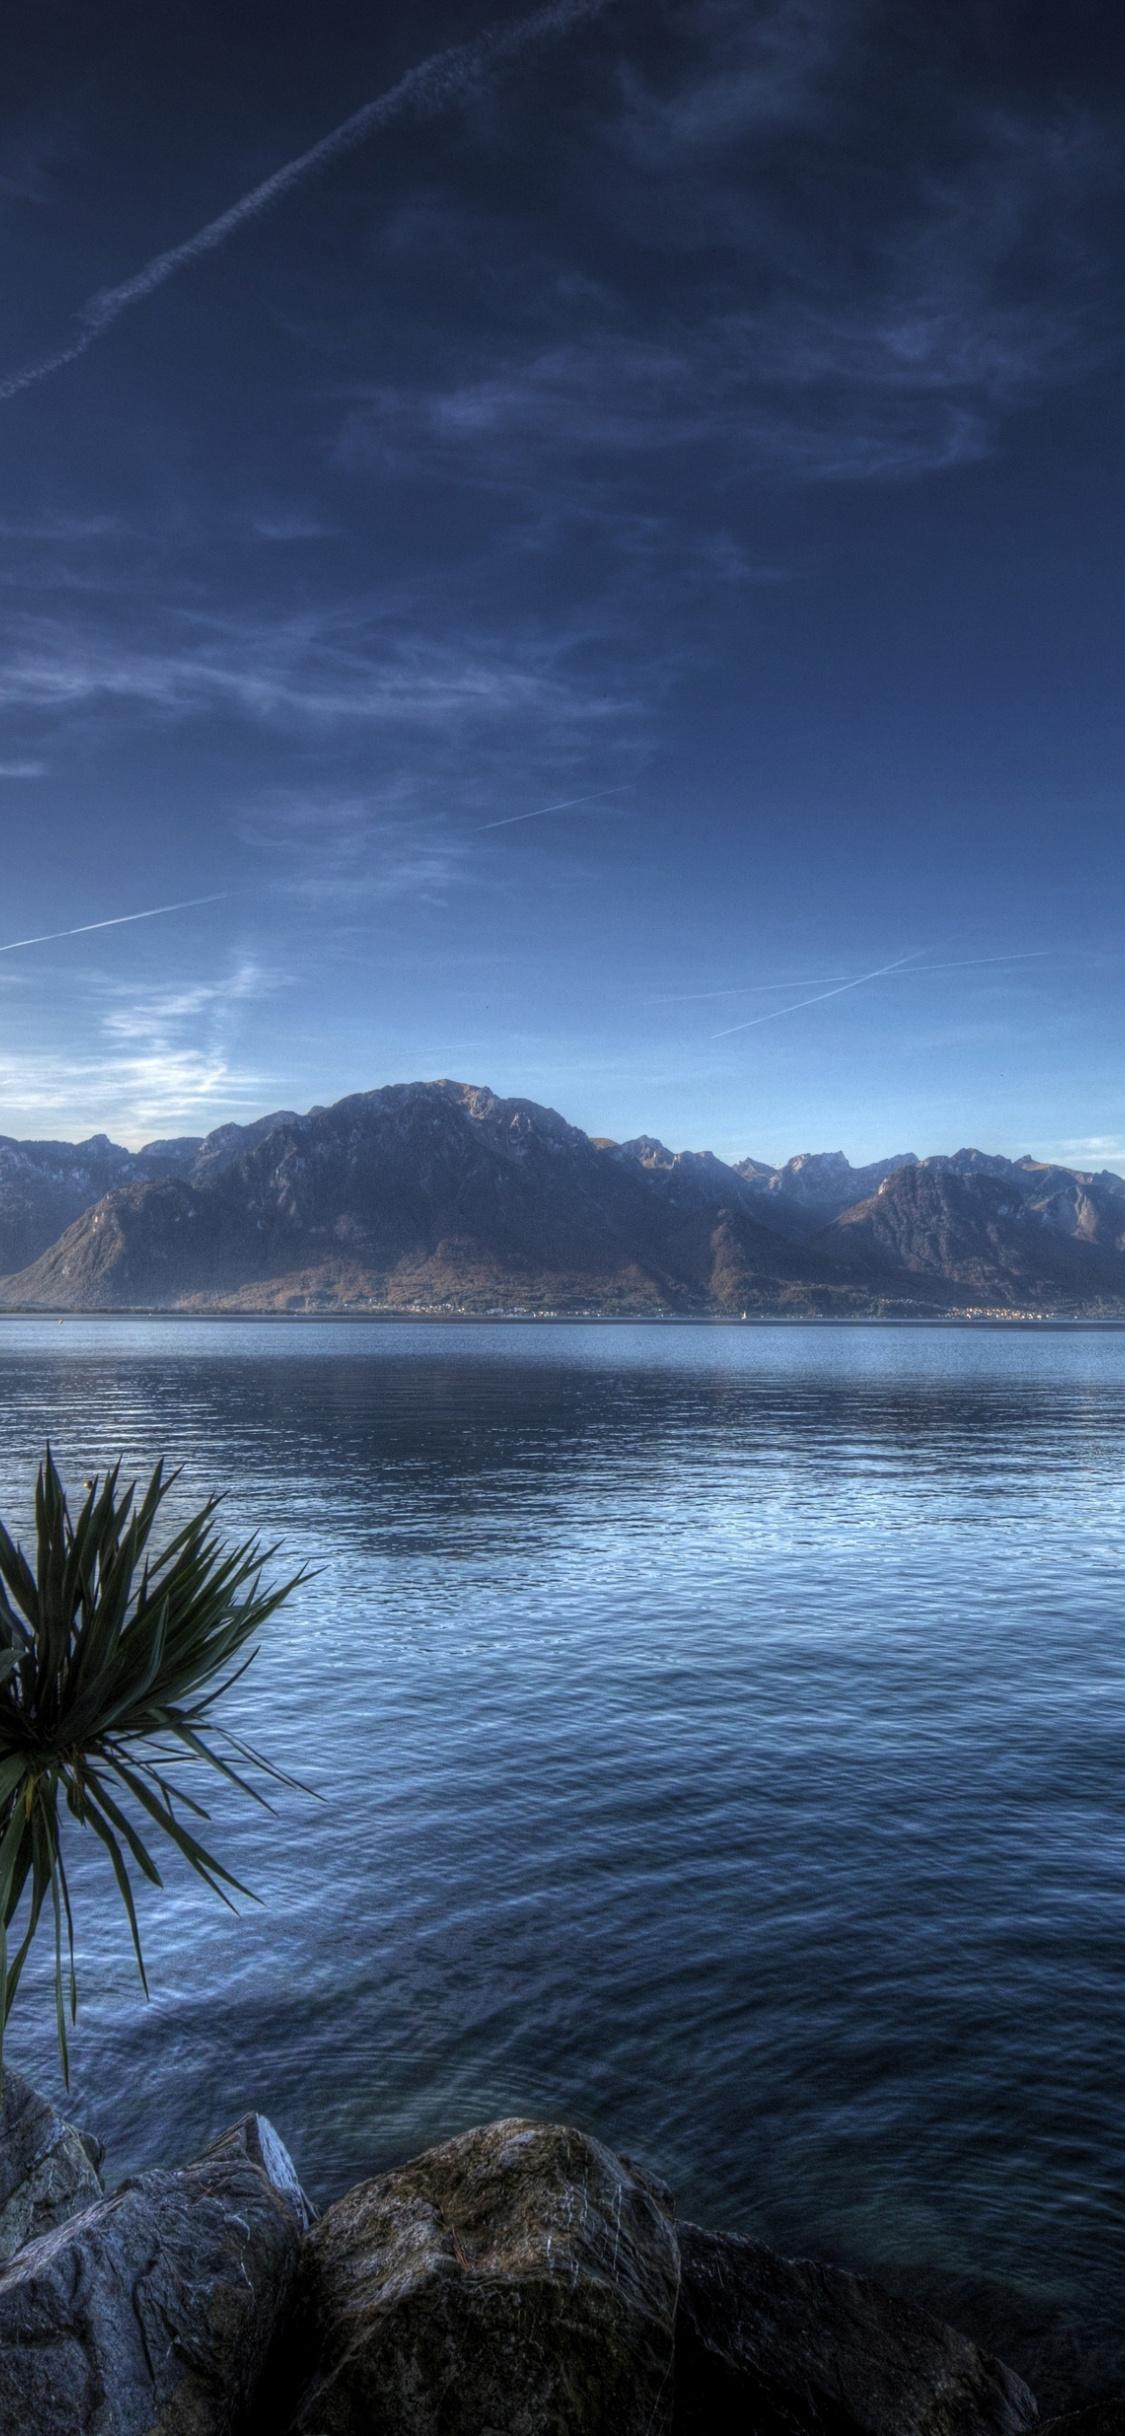 Hình nền thiên nhiên đẹp cho iphone x